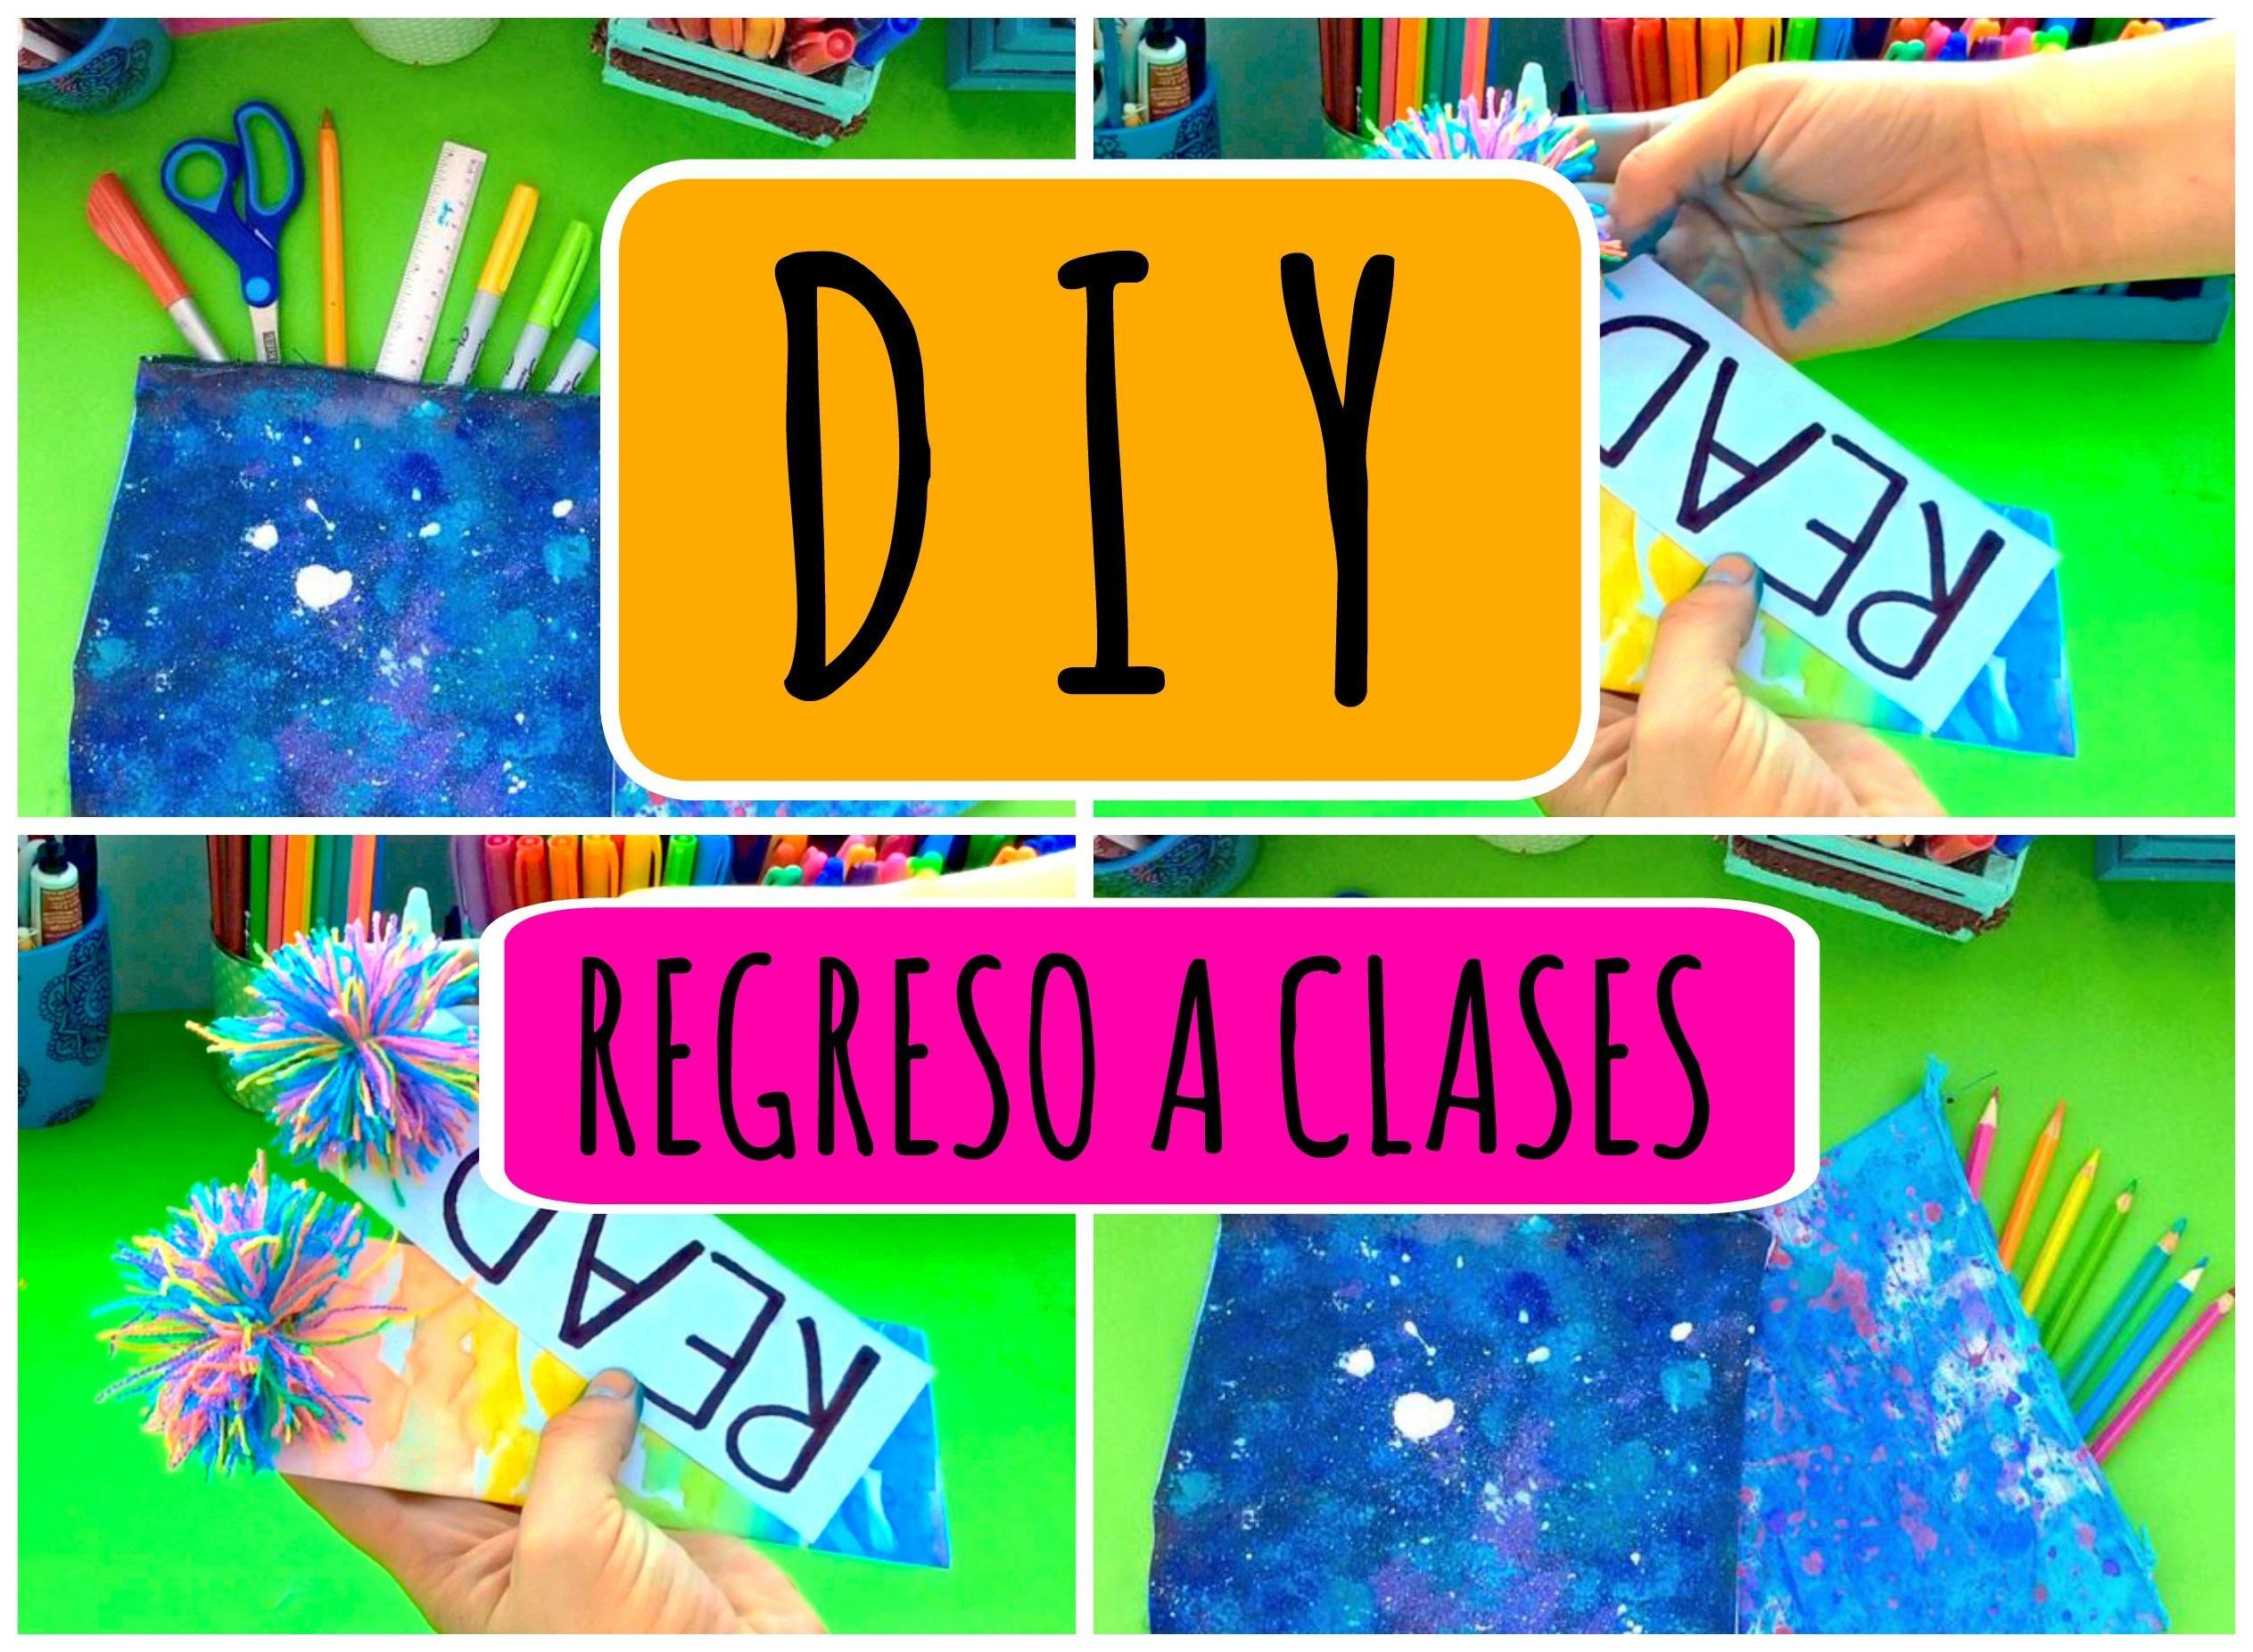 Crea estuches y separadores de libros | REGRESO A CLASES | DIY